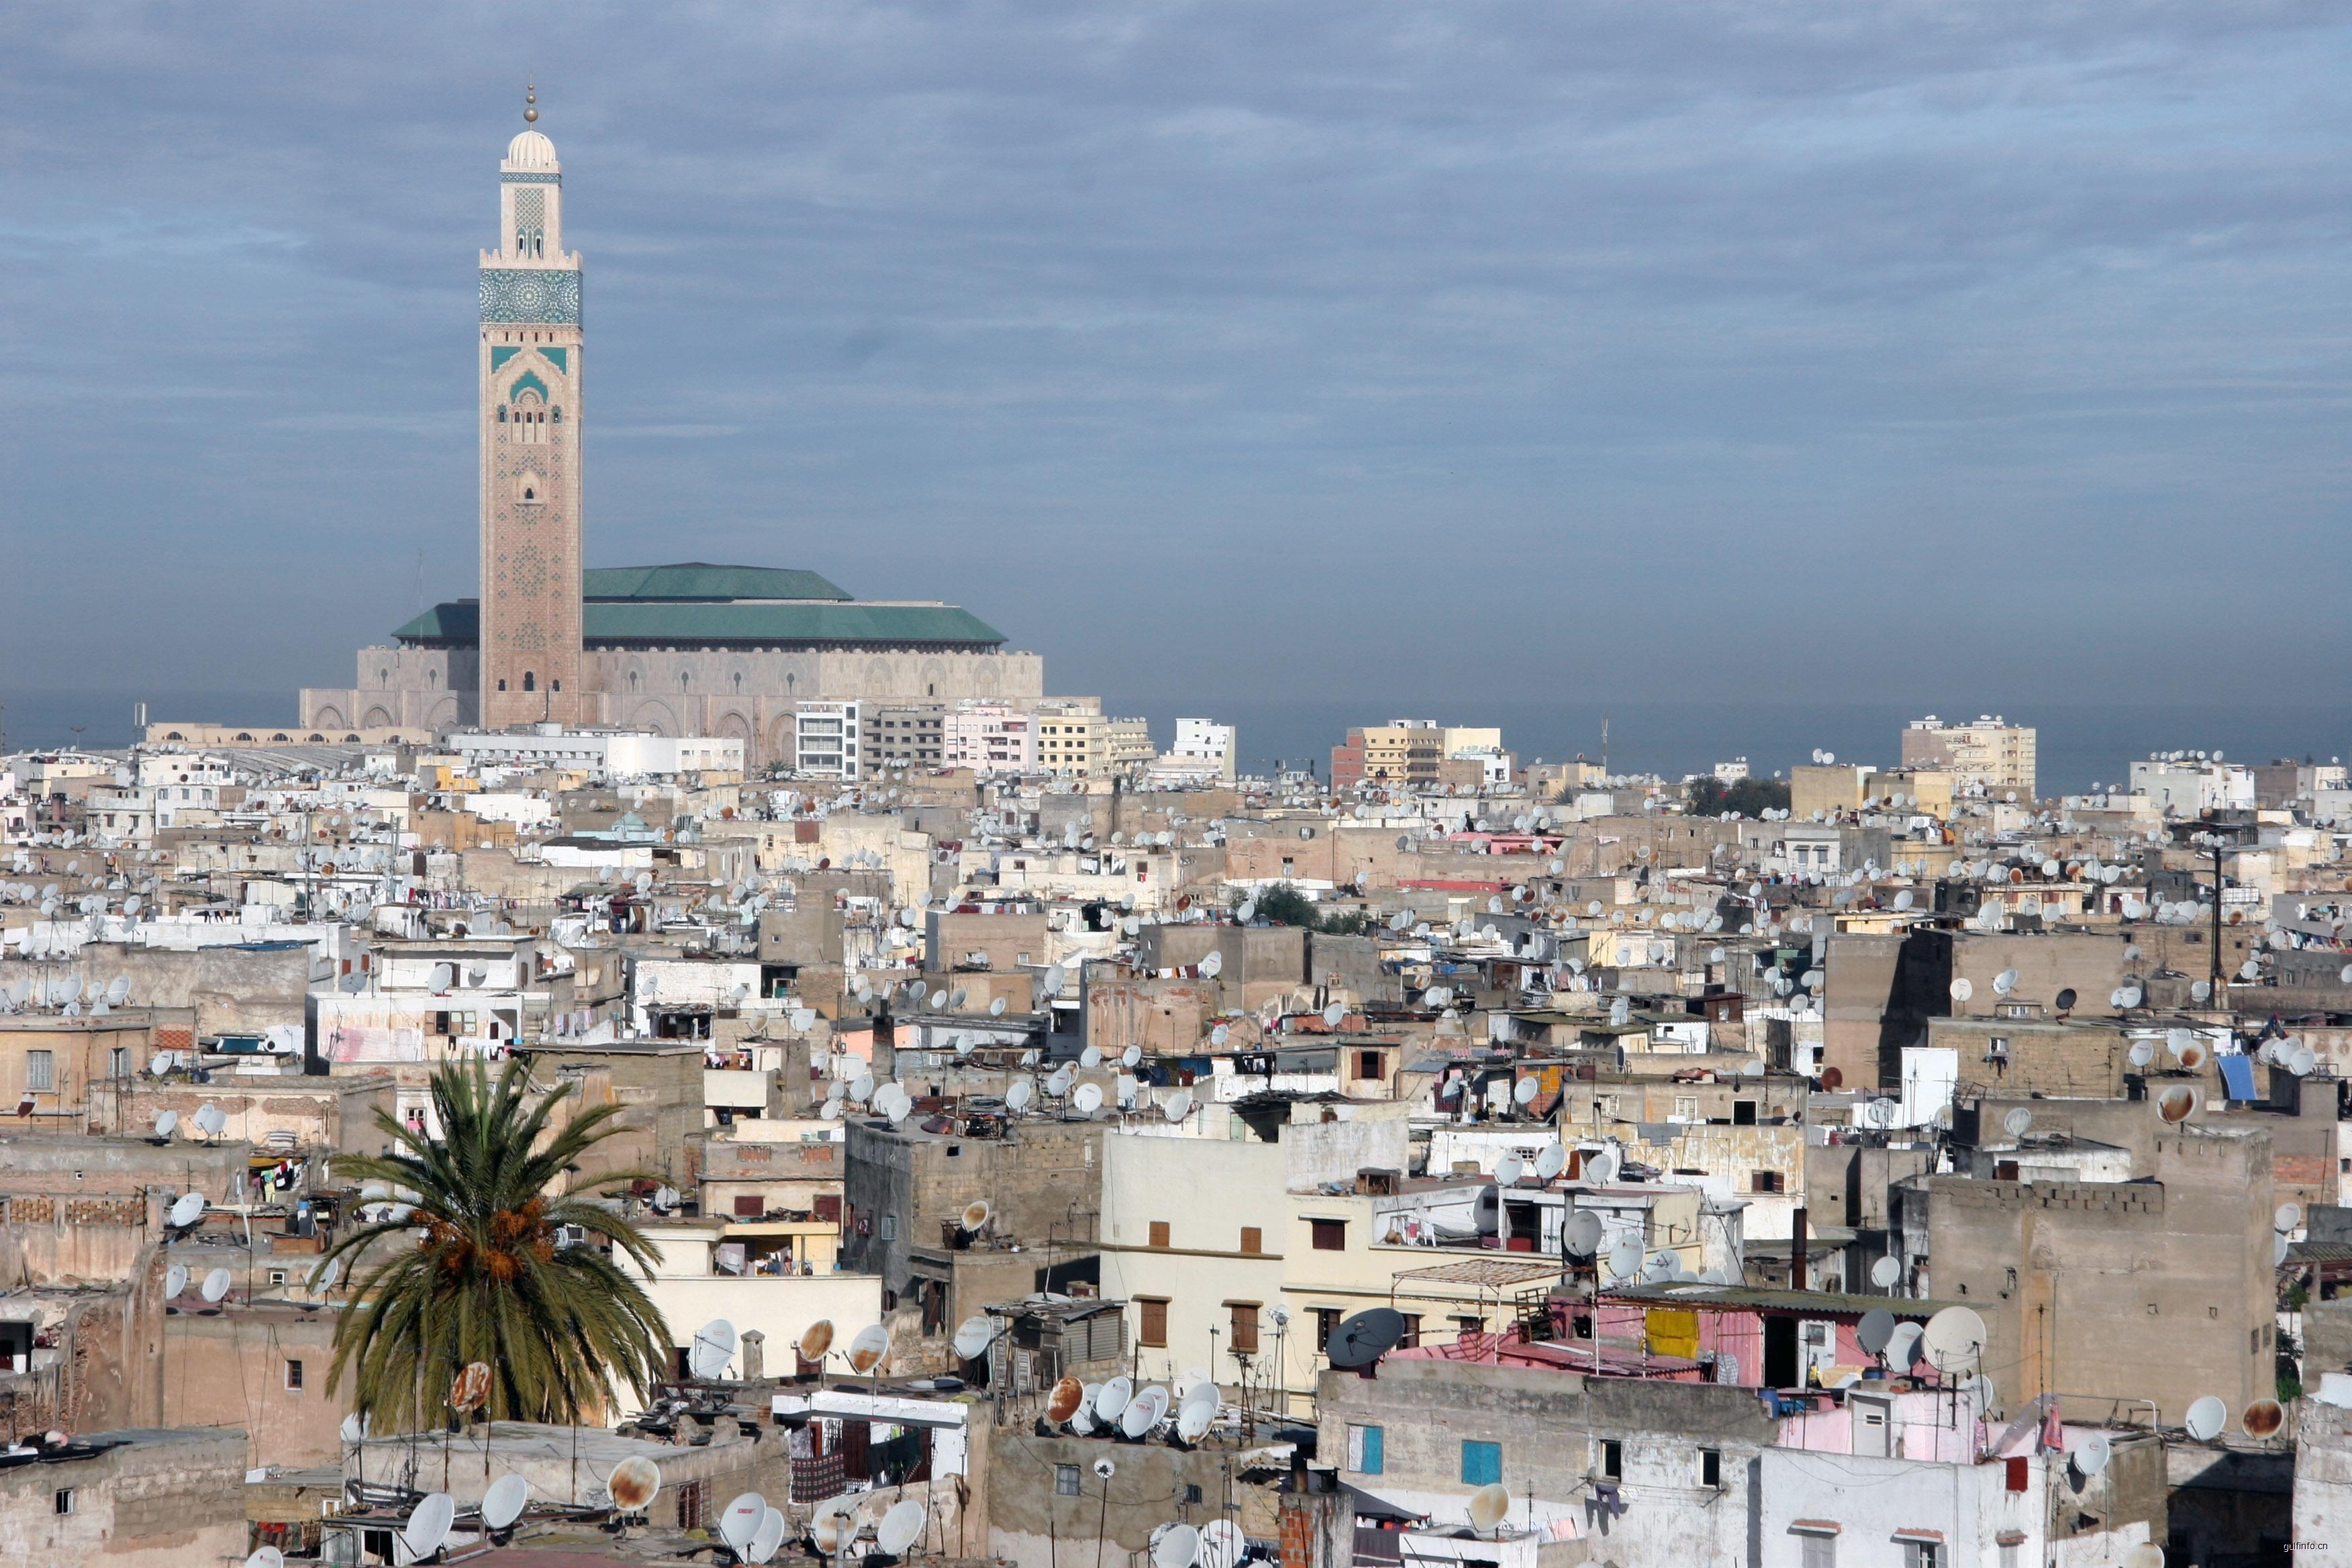 中非合作专家论坛在摩洛哥成功召开